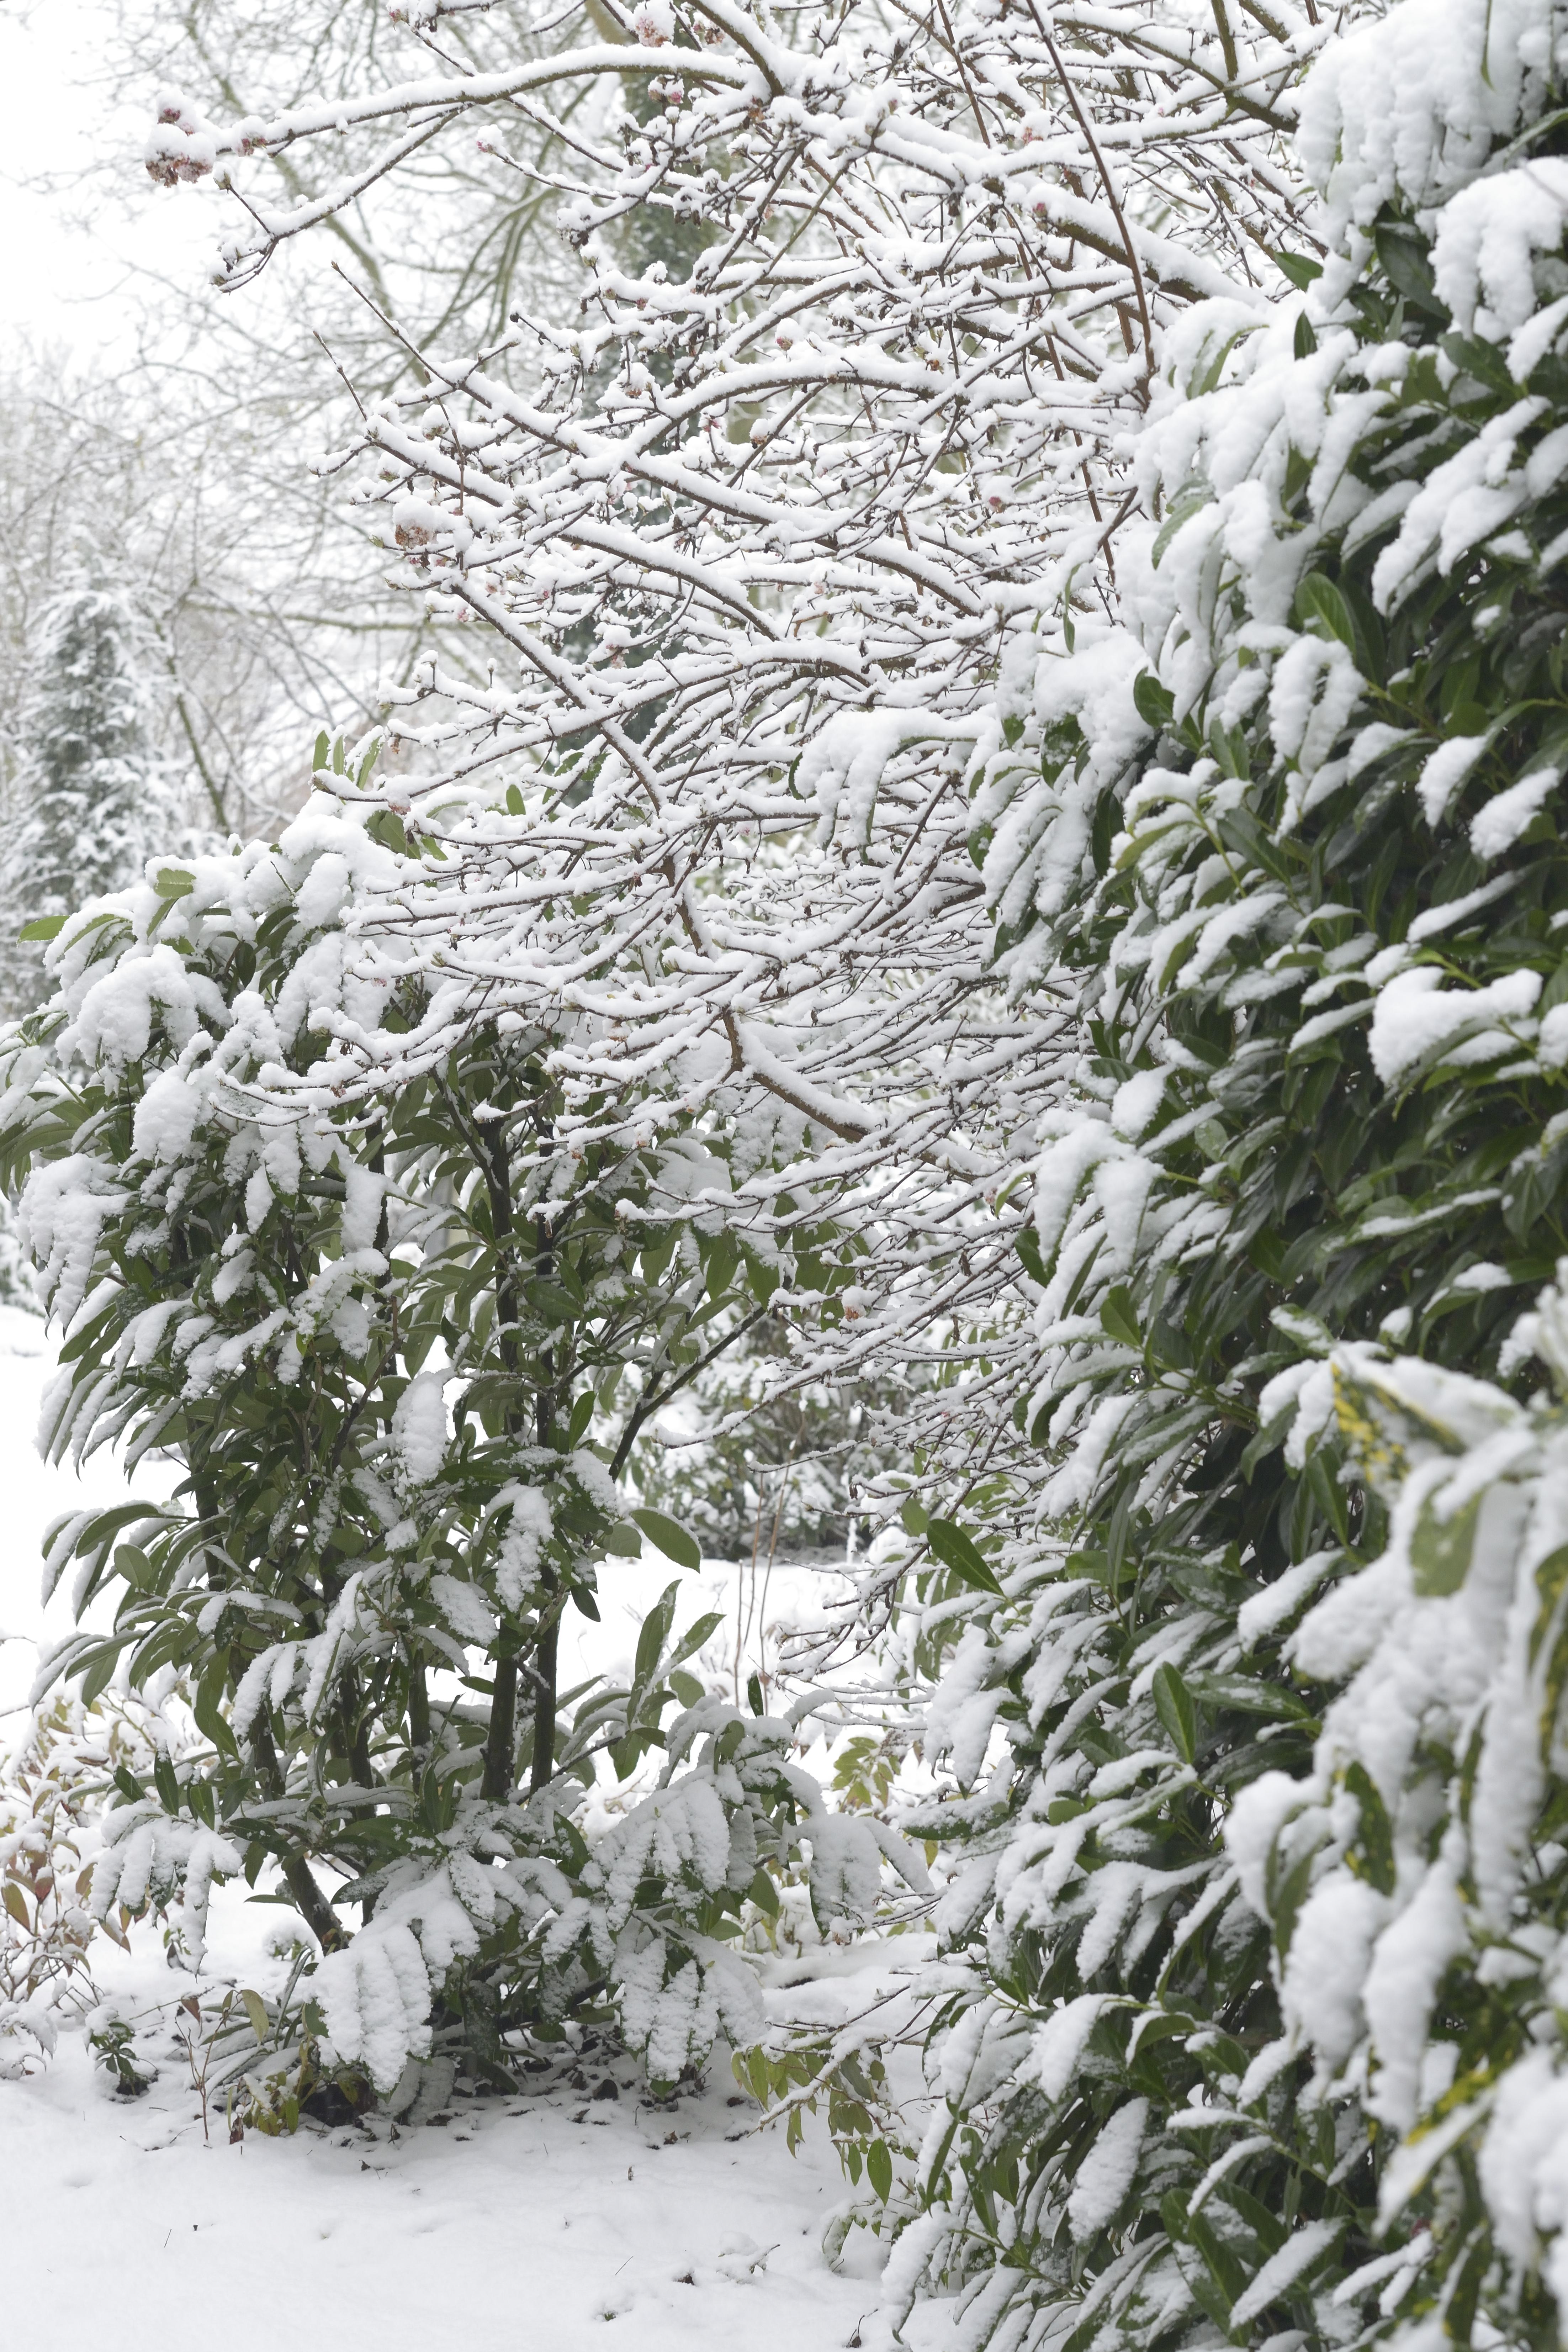 Sneeuw in Hengelo januari 2015